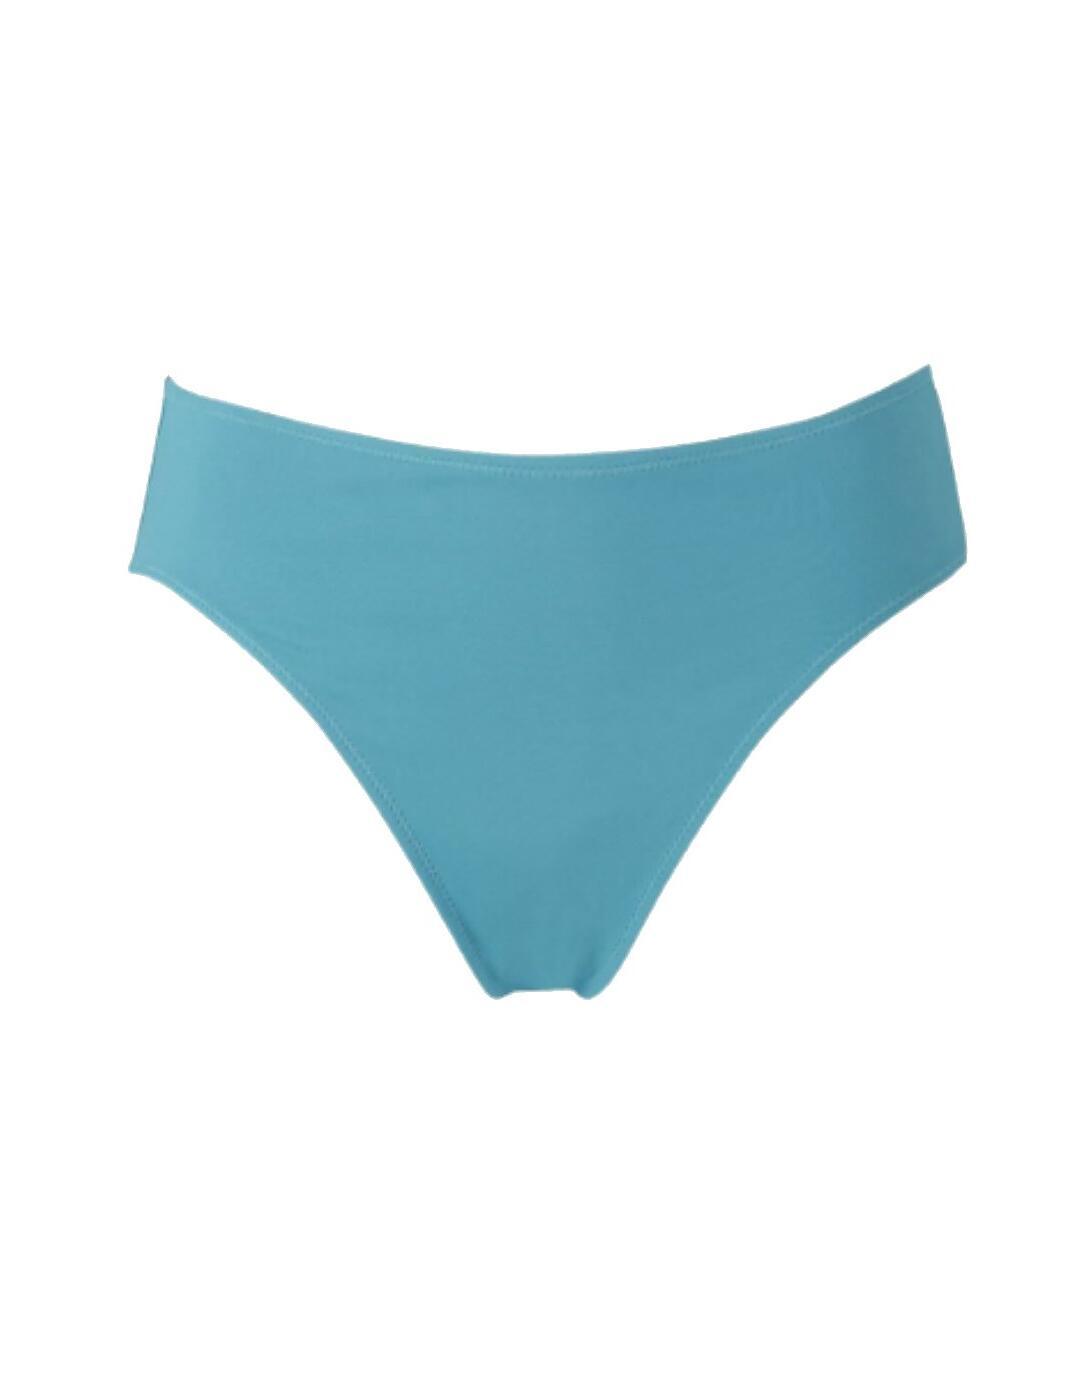 5485 Fantasie Montreal Mid Rise Plain Bikini Brief - 5485 Ocean